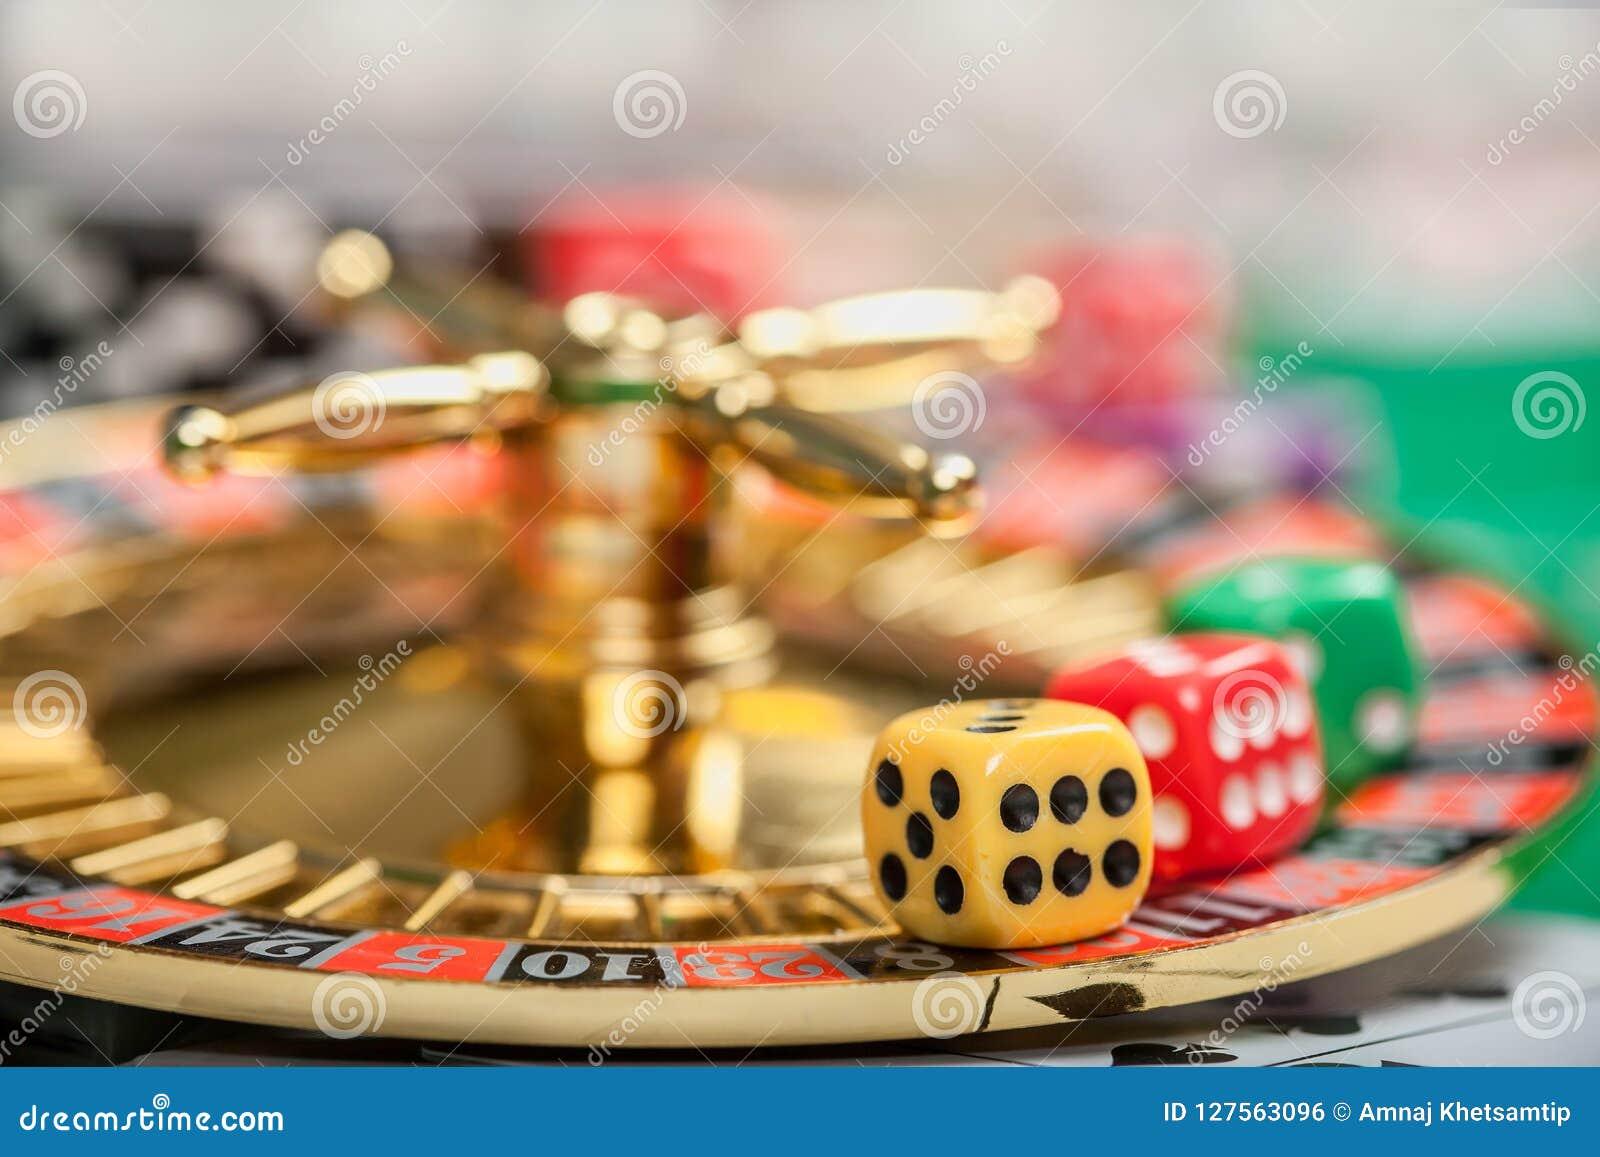 Χωρίστε σε τετράγωνα στον πίνακα τυχερού παιχνιδιού χαρτοπαικτικών λεσχών